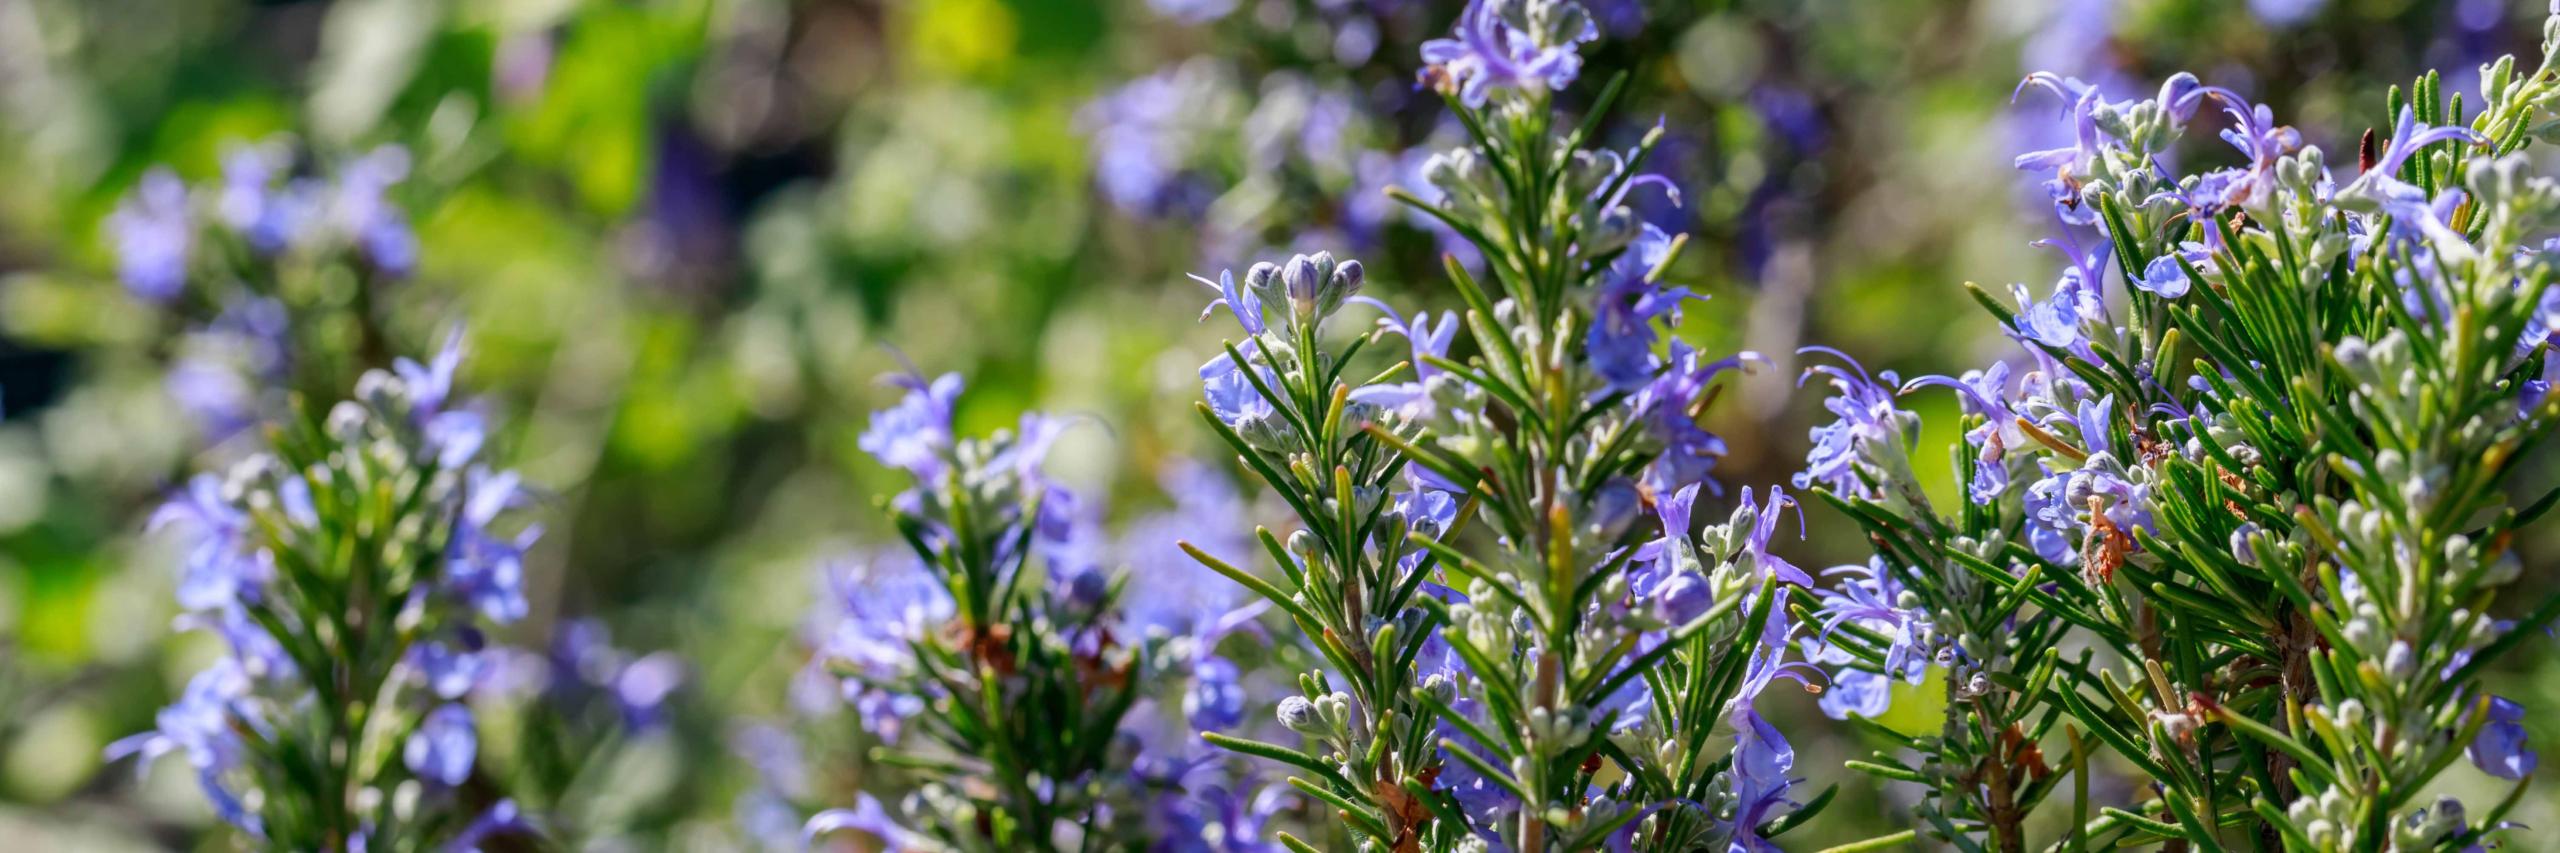 planter du romarin pour les abeilles